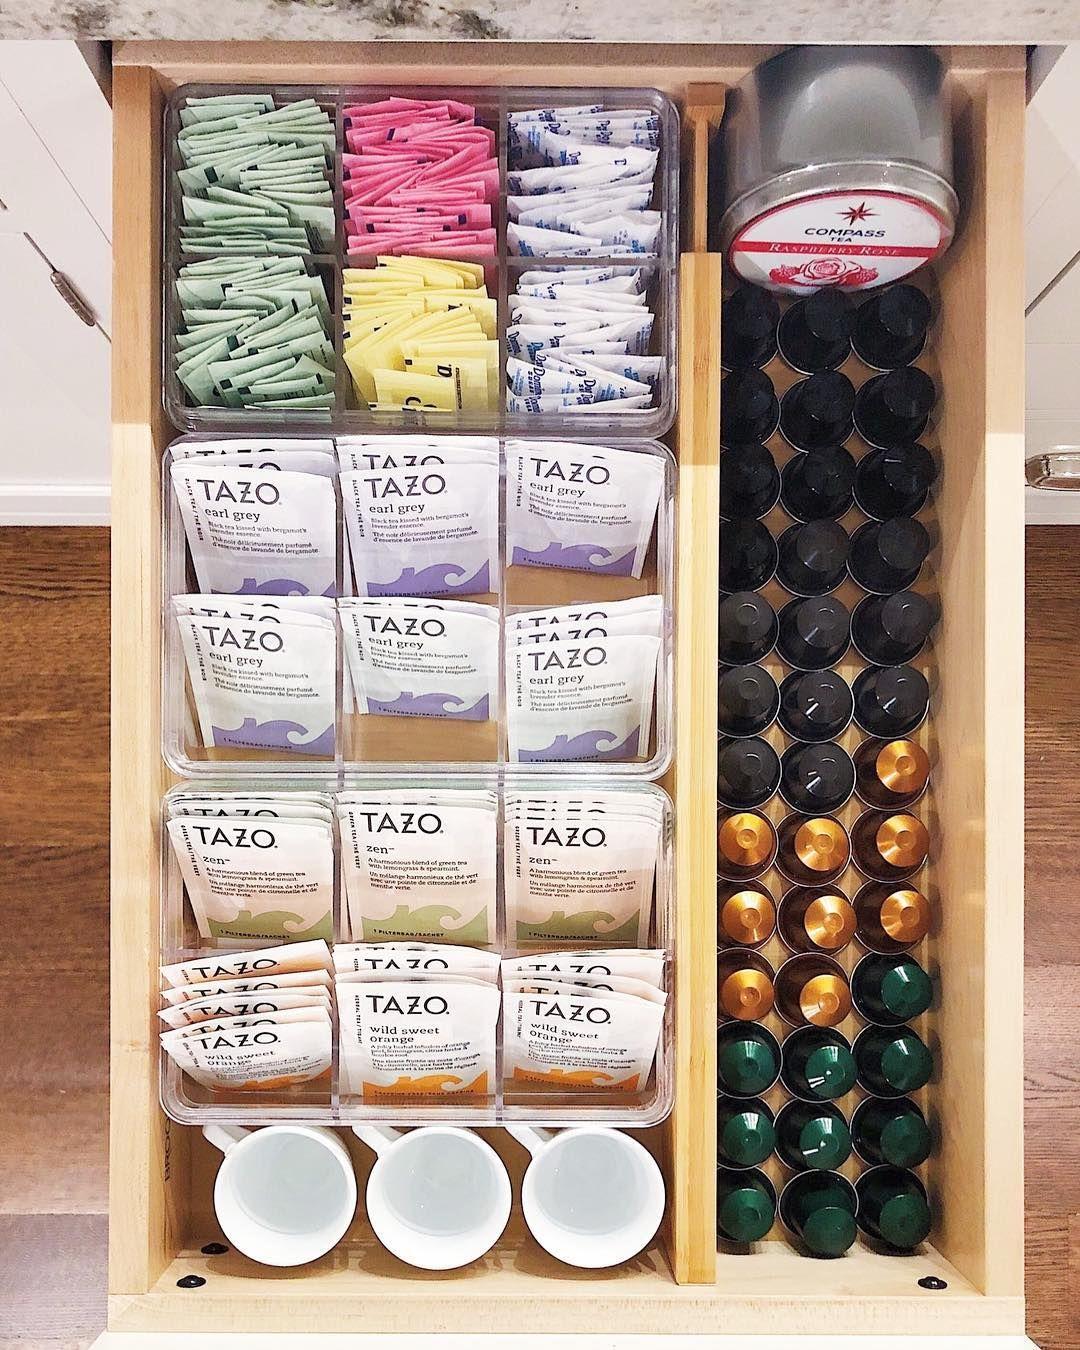 15 Organized Kitchens That Are Oddly Satisfying #apartmentkitchen